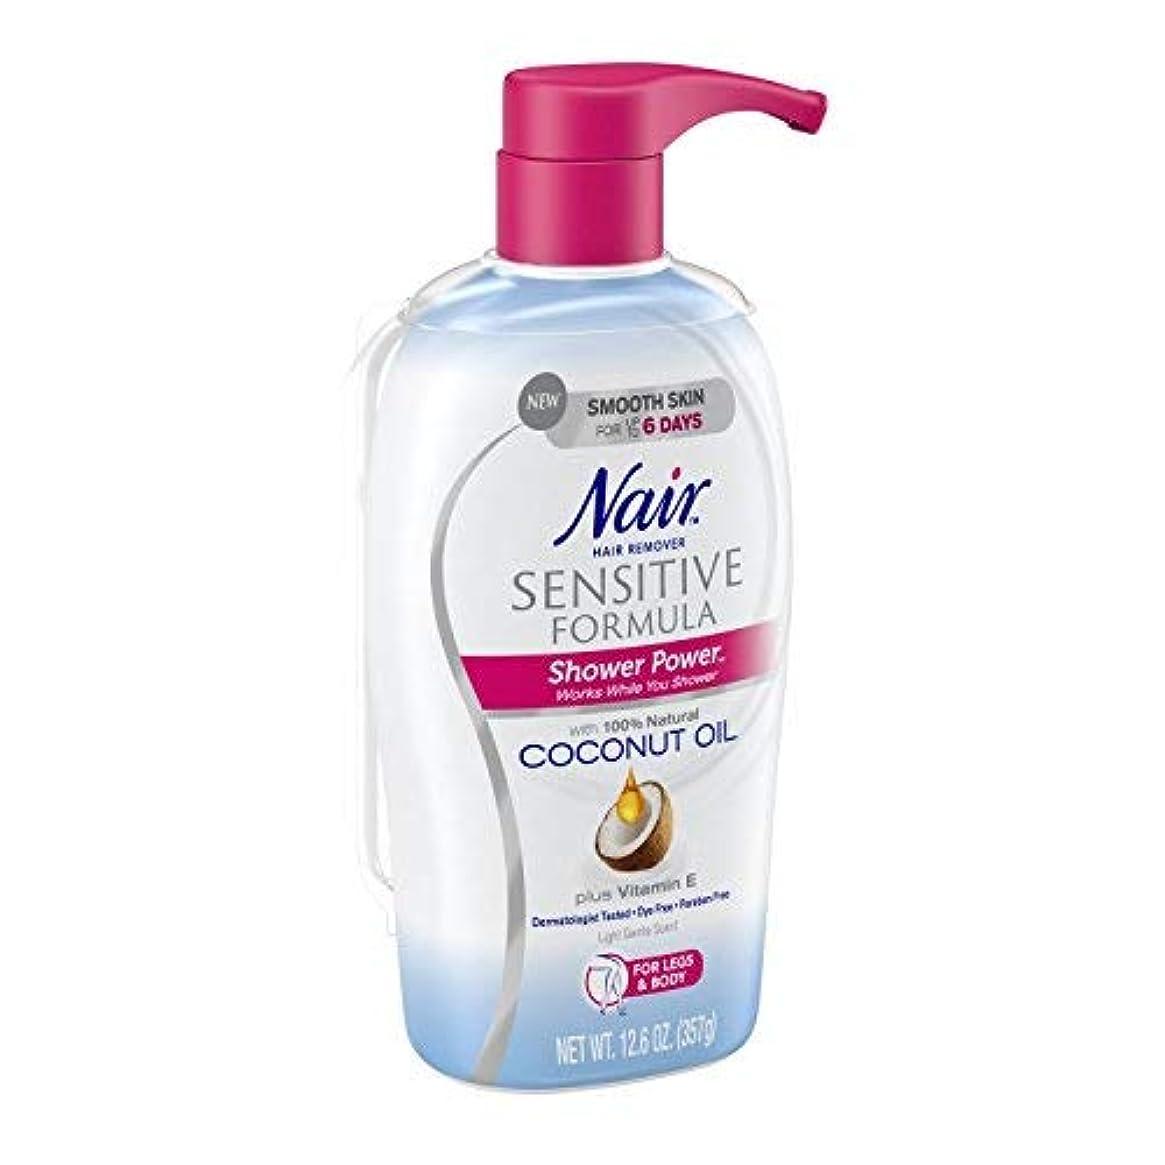 受け入れブレーキ強制Nair Shower Power Sensitive Hair Removal for Legs Body 12.6 fl oz [並行輸入品]